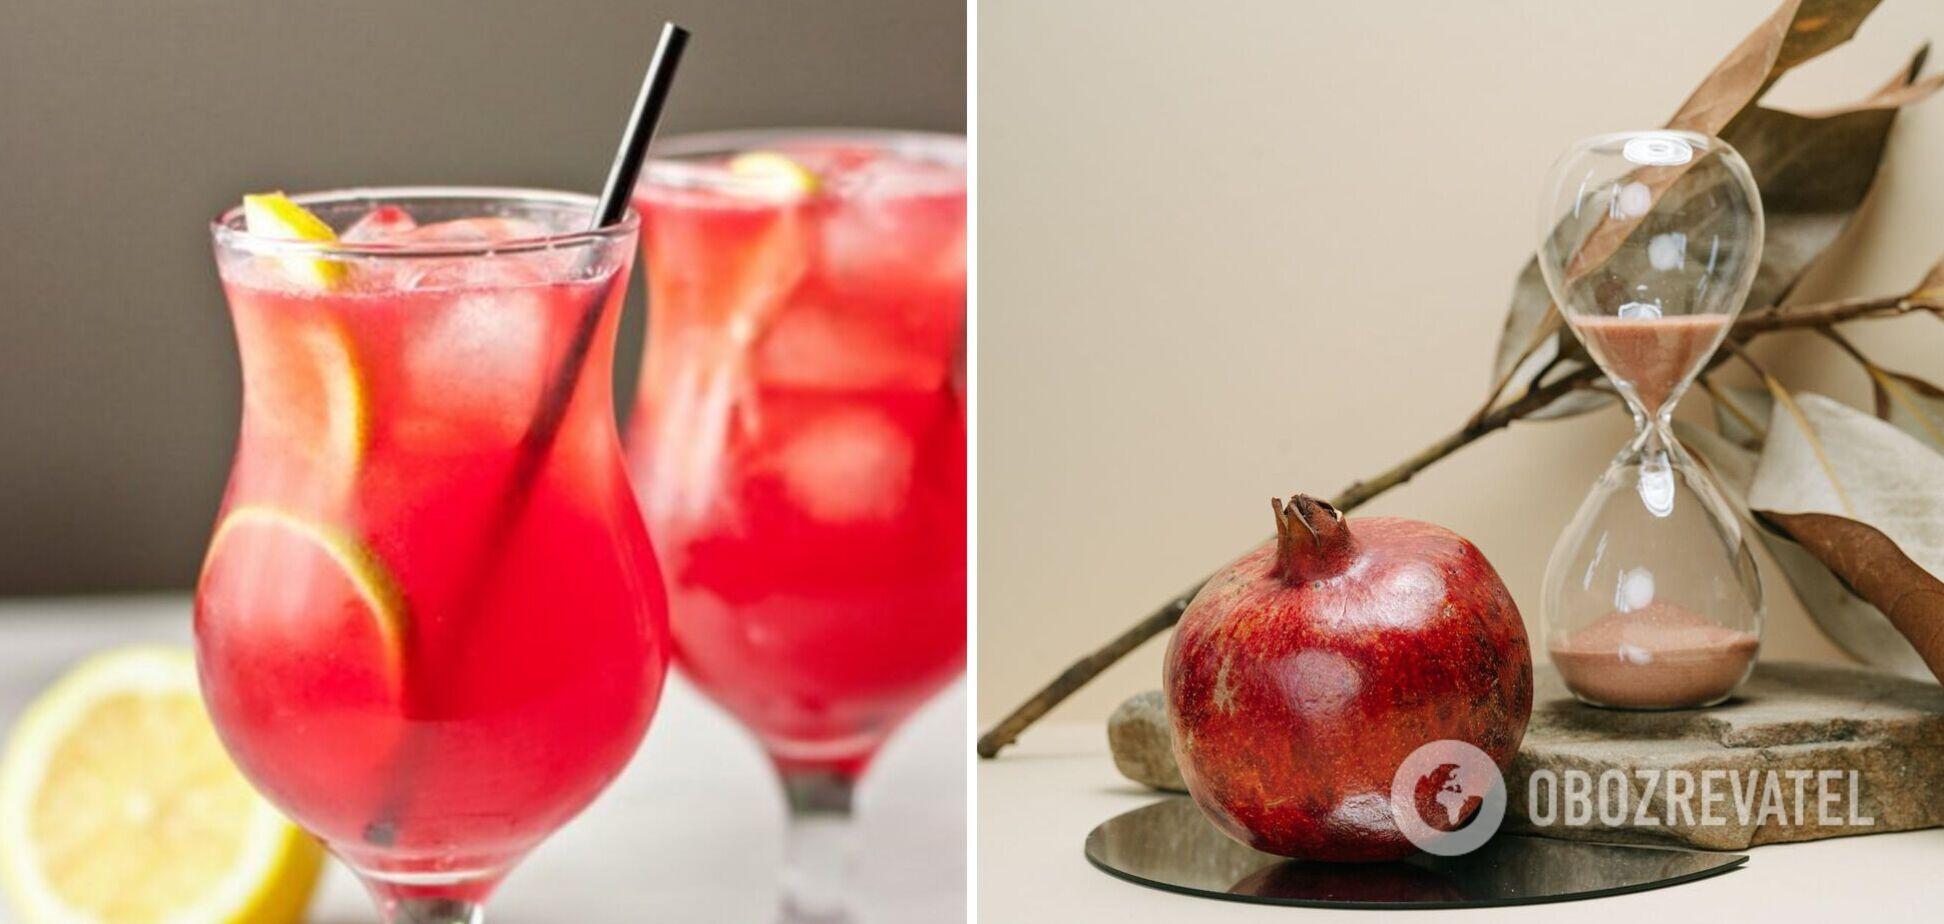 Как приготовить гренадин для коктейлей в домашних условиях: идея от фудблогера